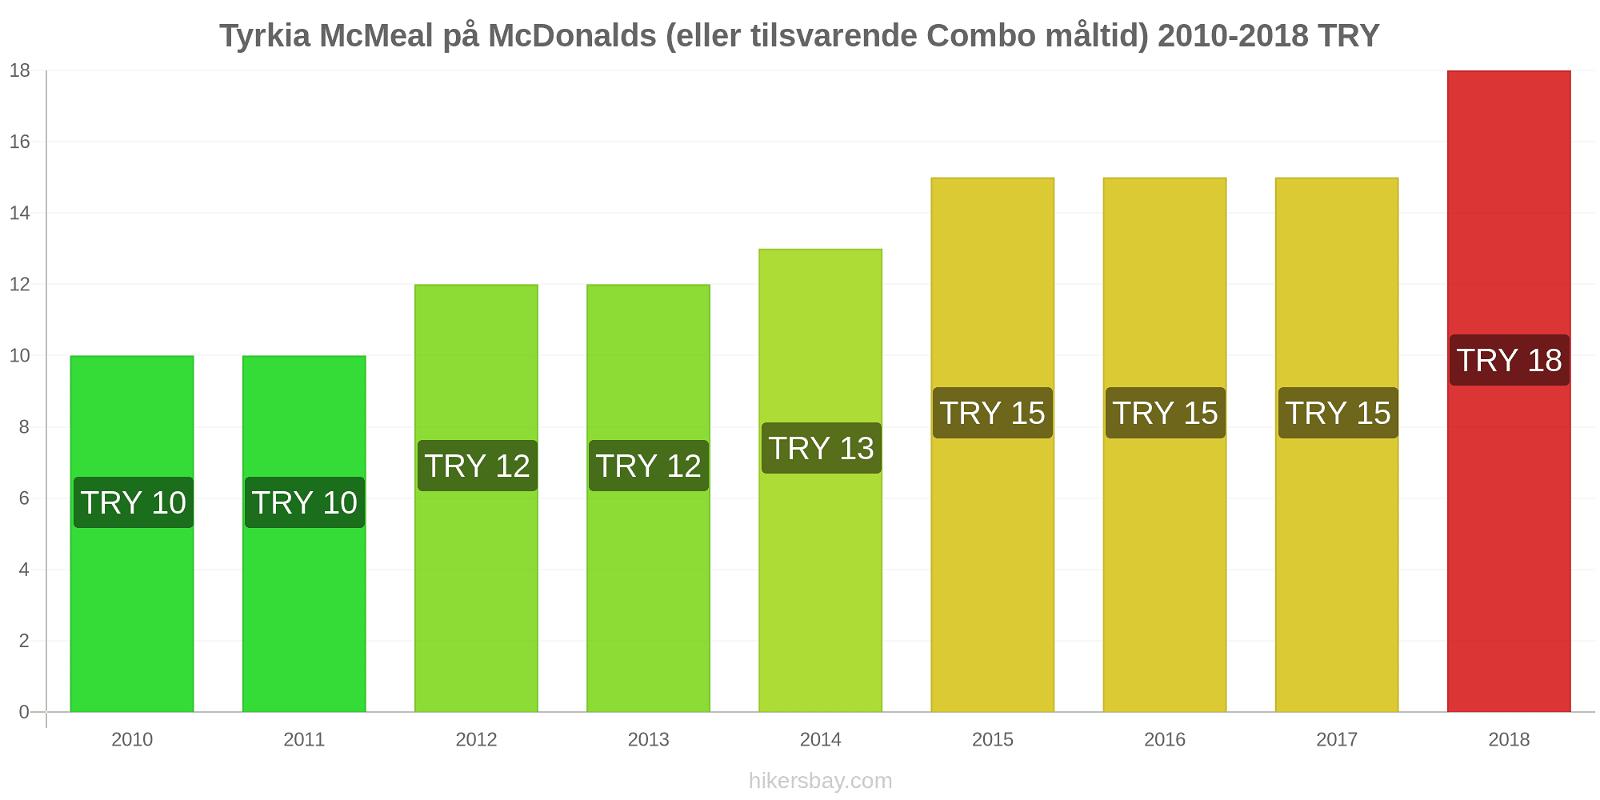 Tyrkia prisendringer McMeal på McDonalds (eller tilsvarende Combo måltid) hikersbay.com